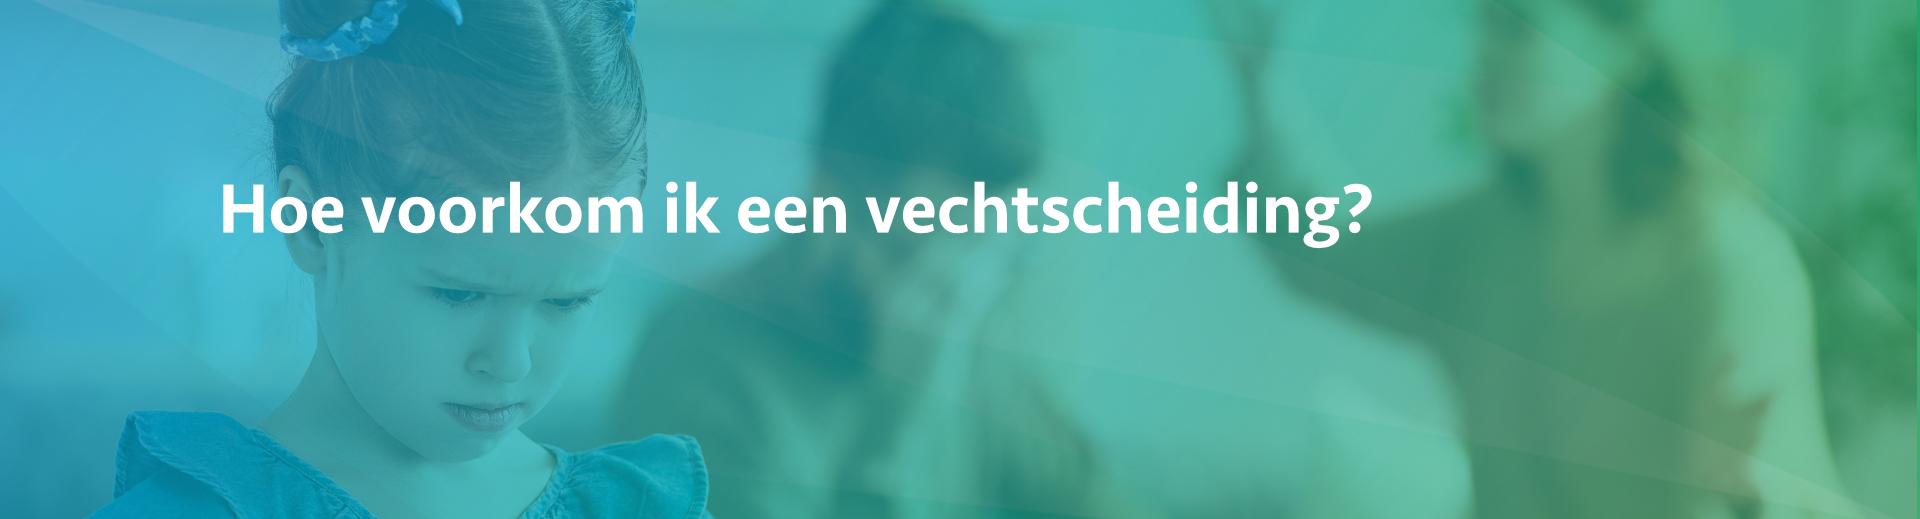 Vechtscheiding voorkomen - Scheidingsplanner Maastricht - Heerlen - Gulpen